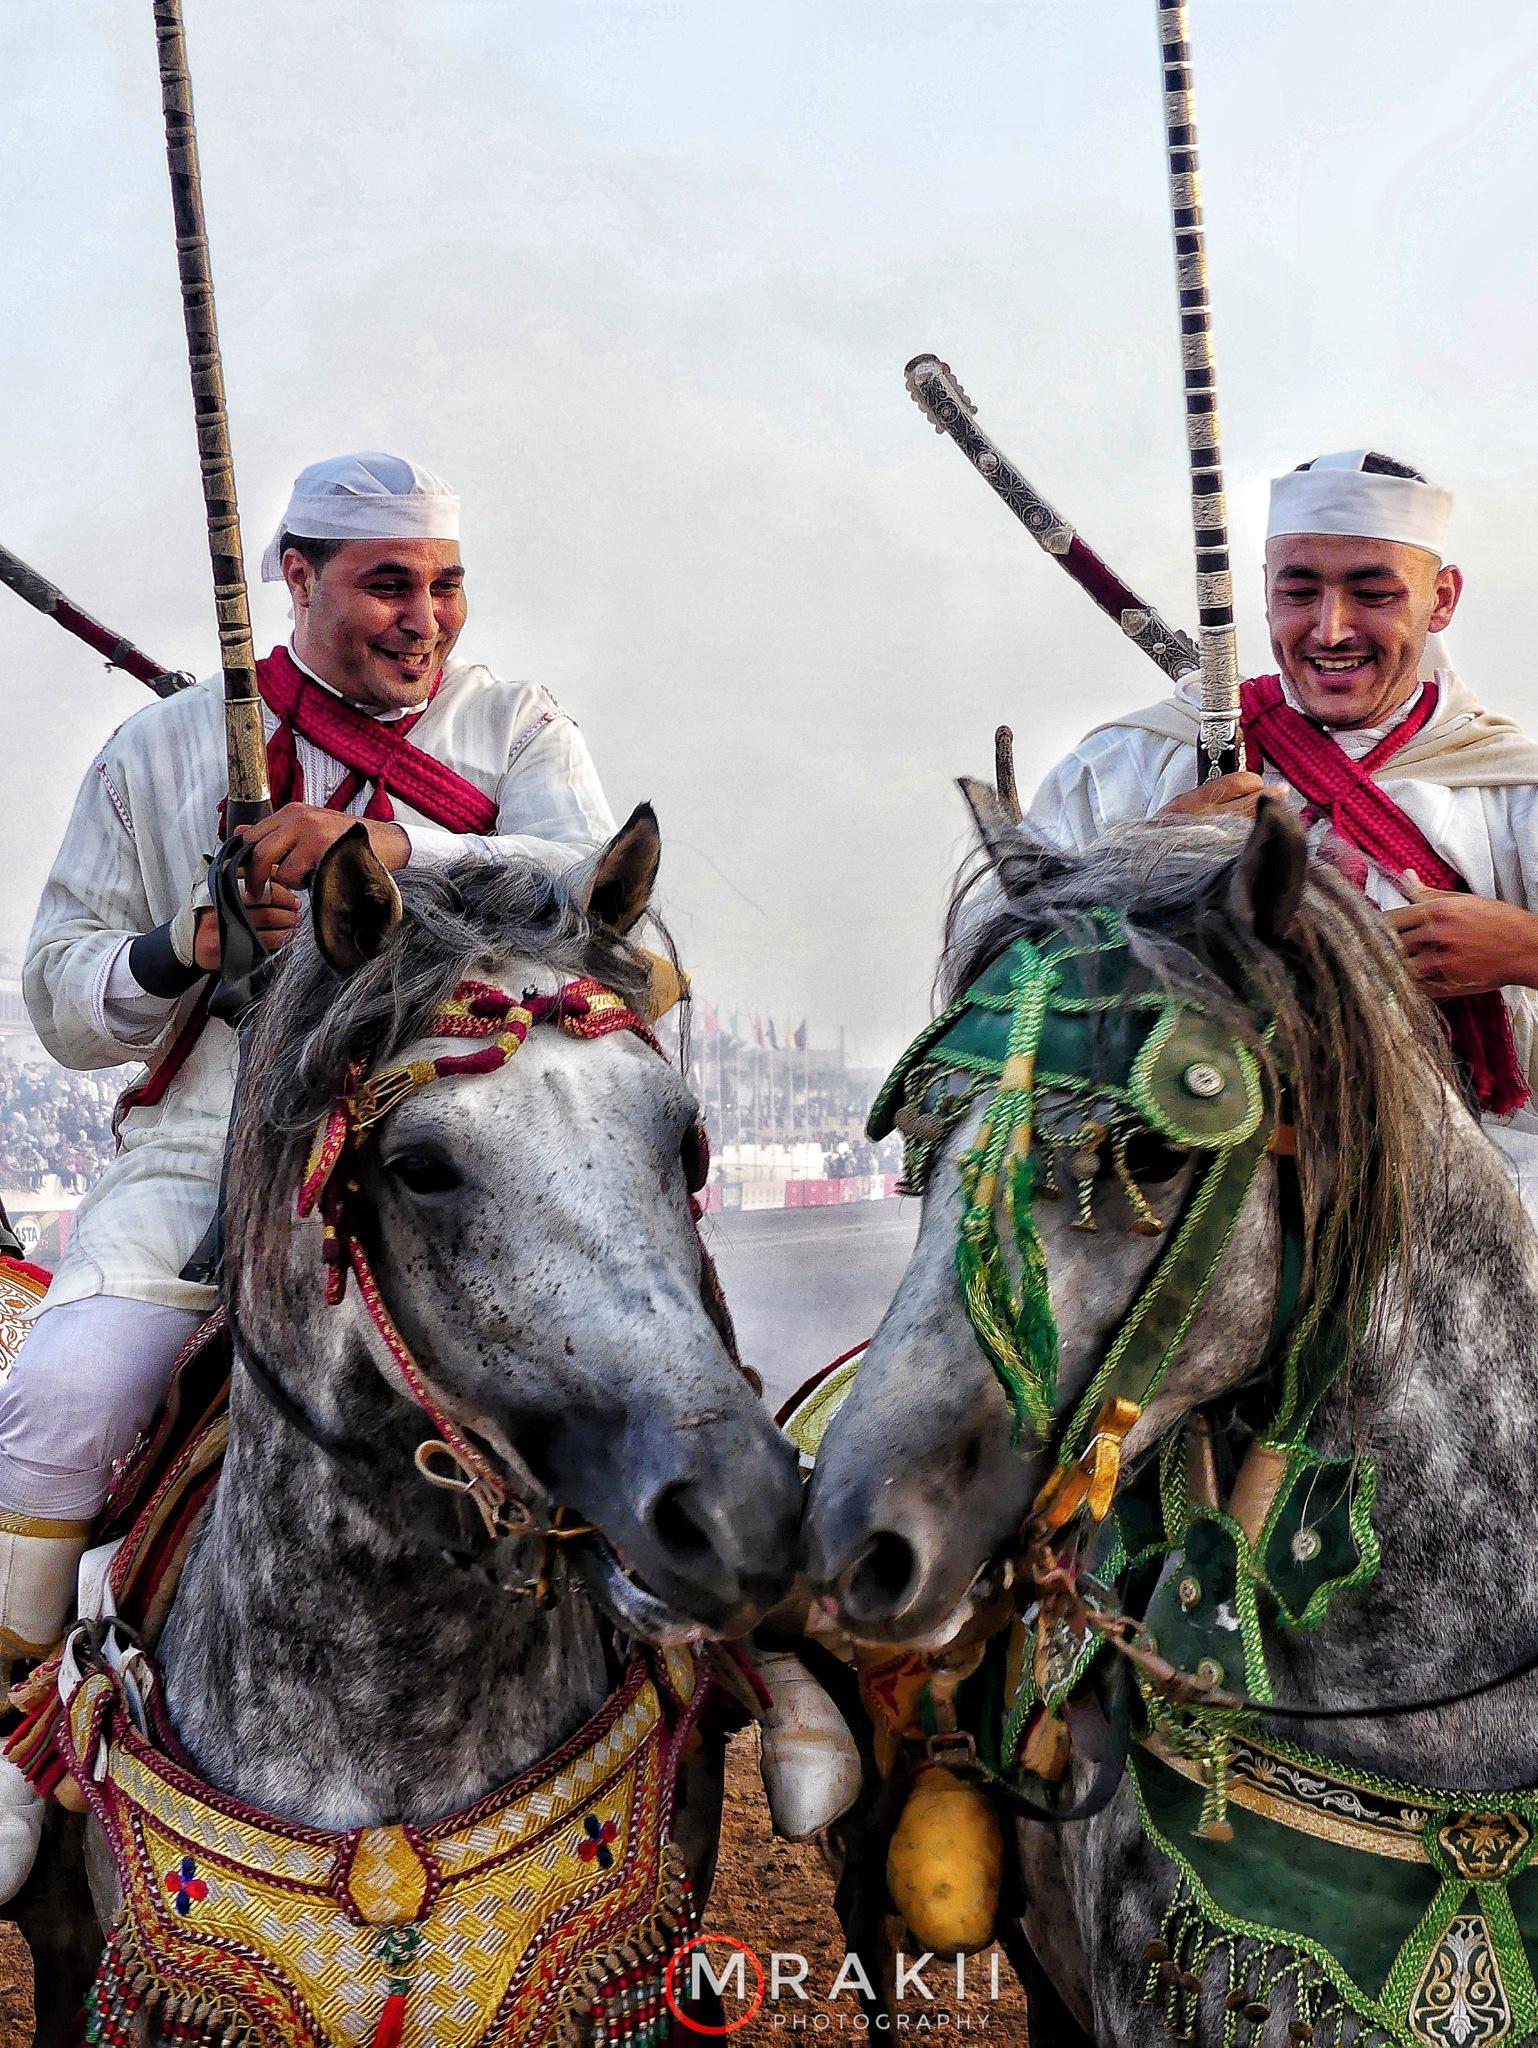 fantasia marocain by Med Rakii Photographe